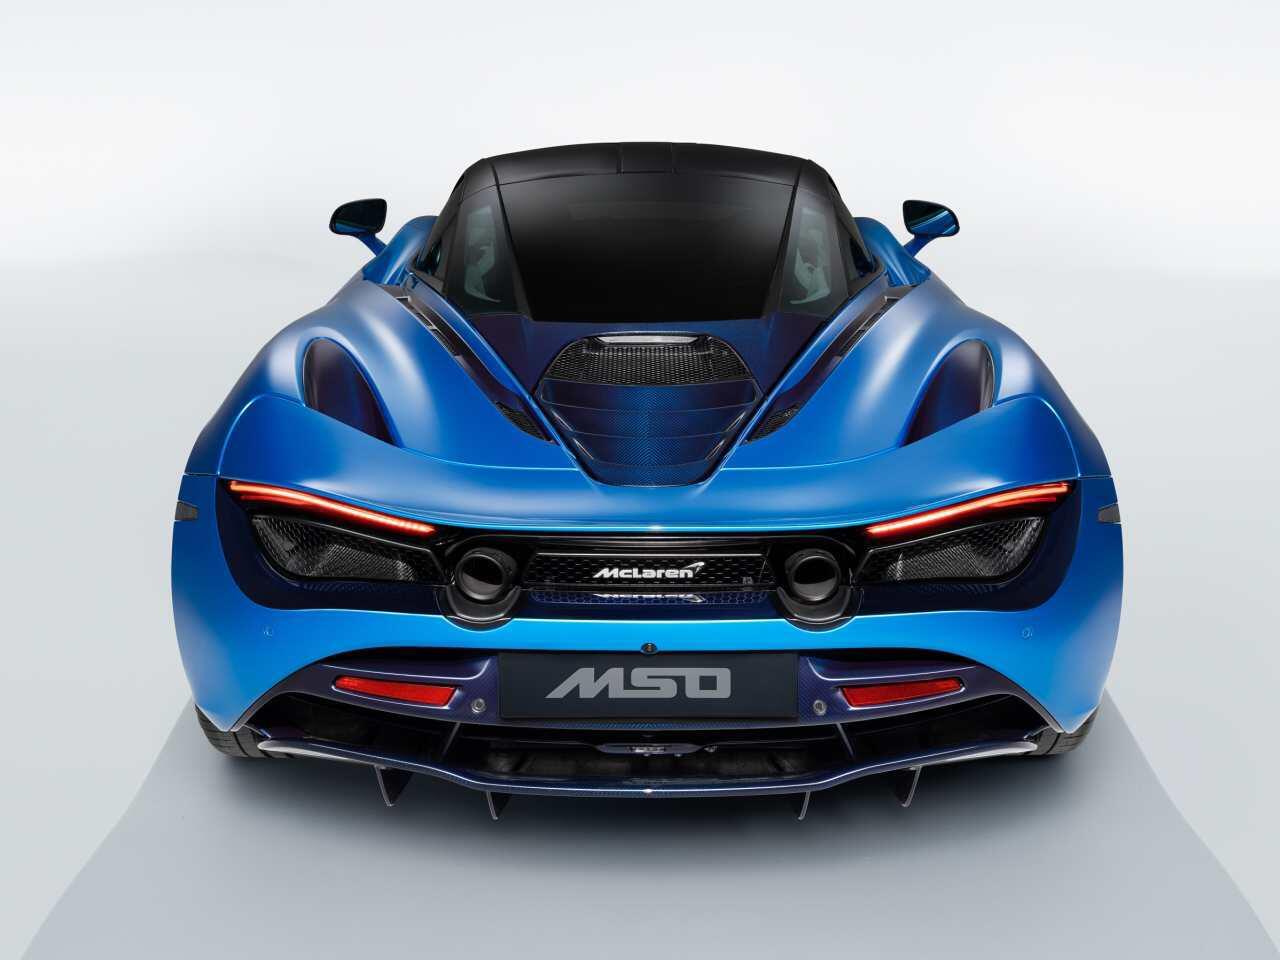 Bild zu McLaren MSO 720S Pacific Theme